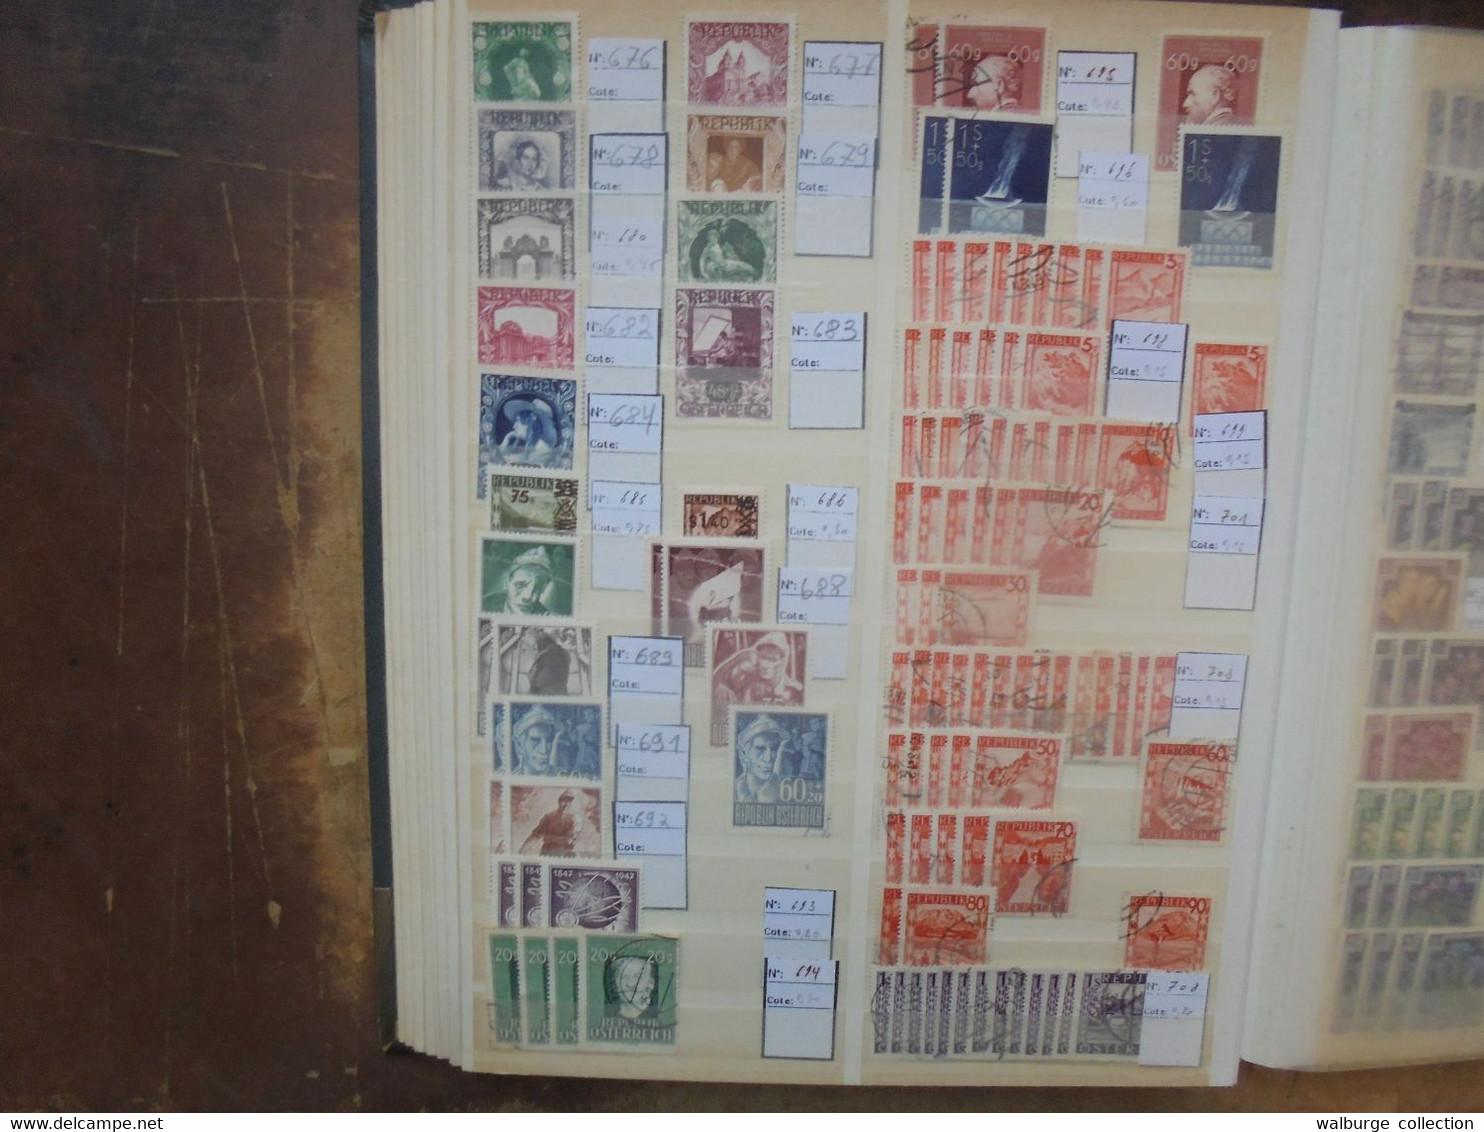 AUTRICHE ORIGINES Jusque 1967 OBLITERES BEAU LOT DE STOCK (RH.37) 1 KILO 800 - Collections